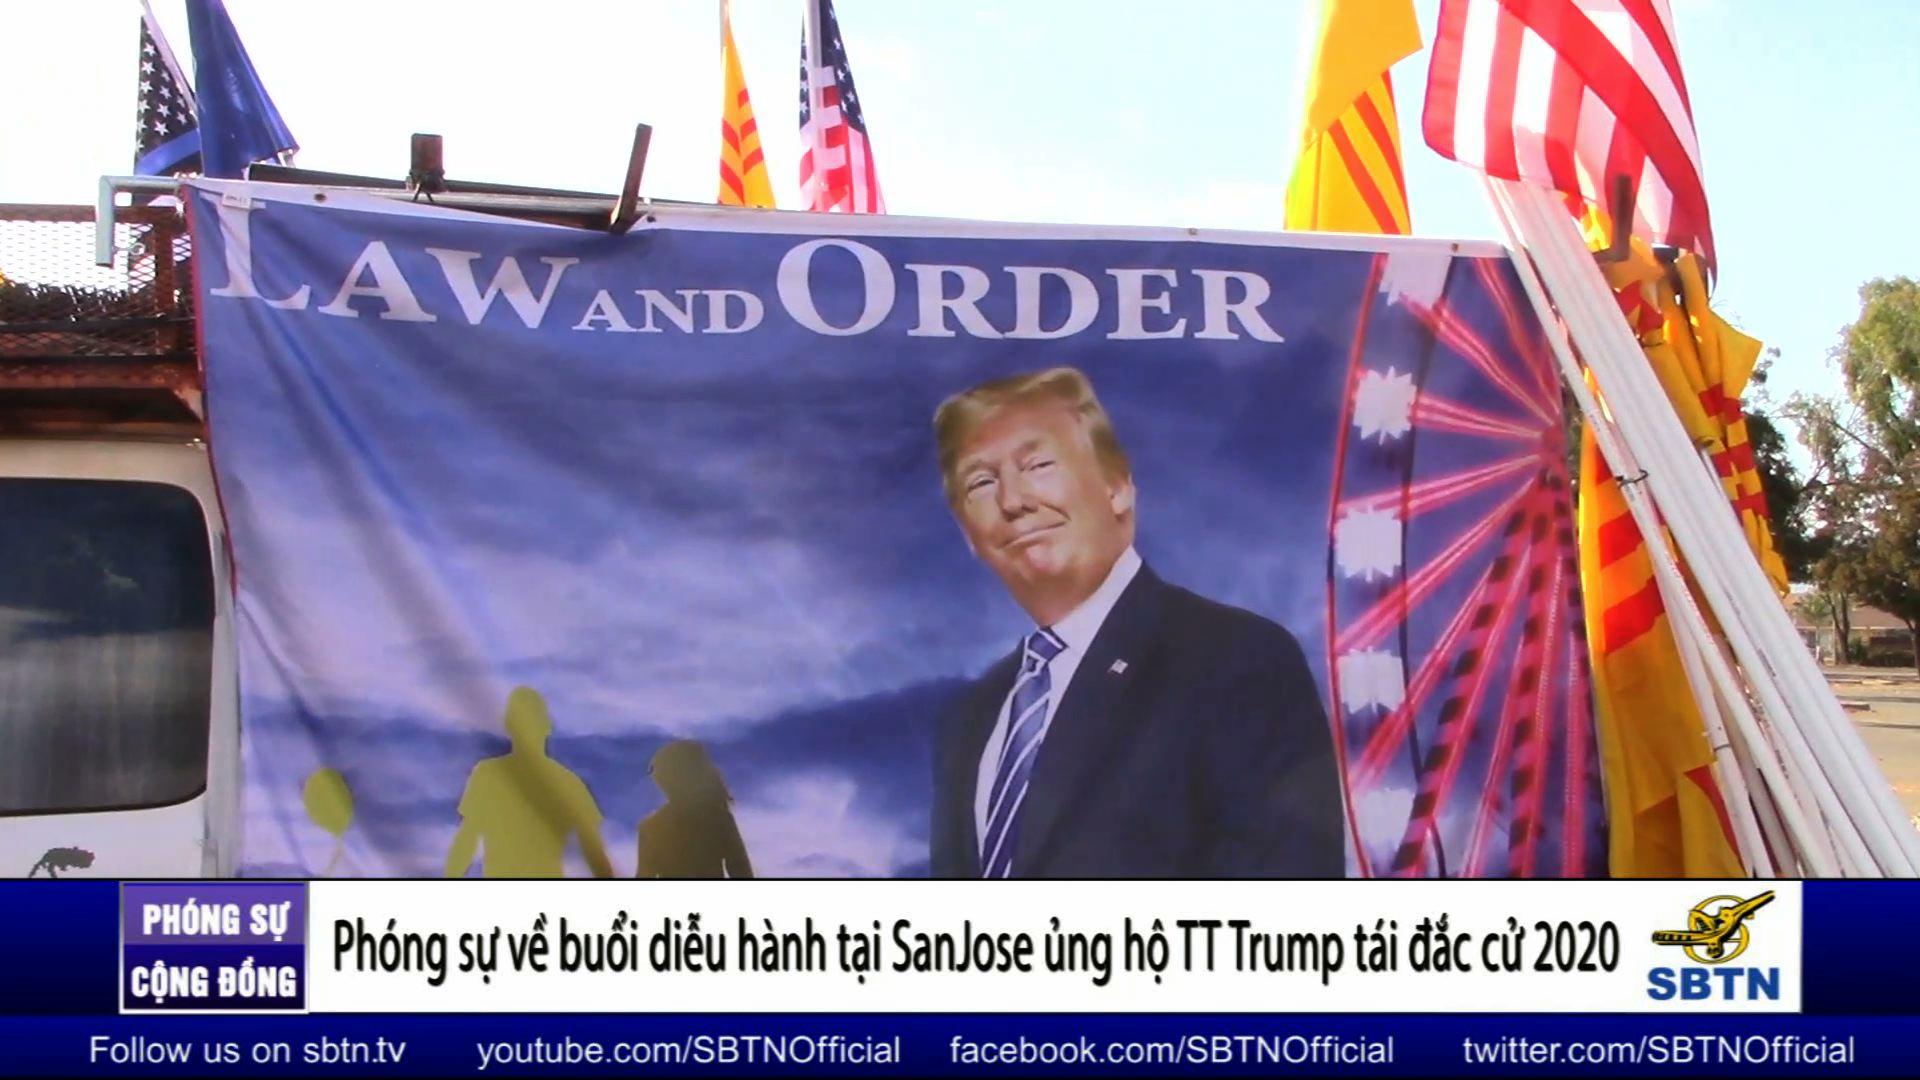 Diễn hành ủng hộ Tổng Thống Trump tái đắc cử 2020 tại San Jose